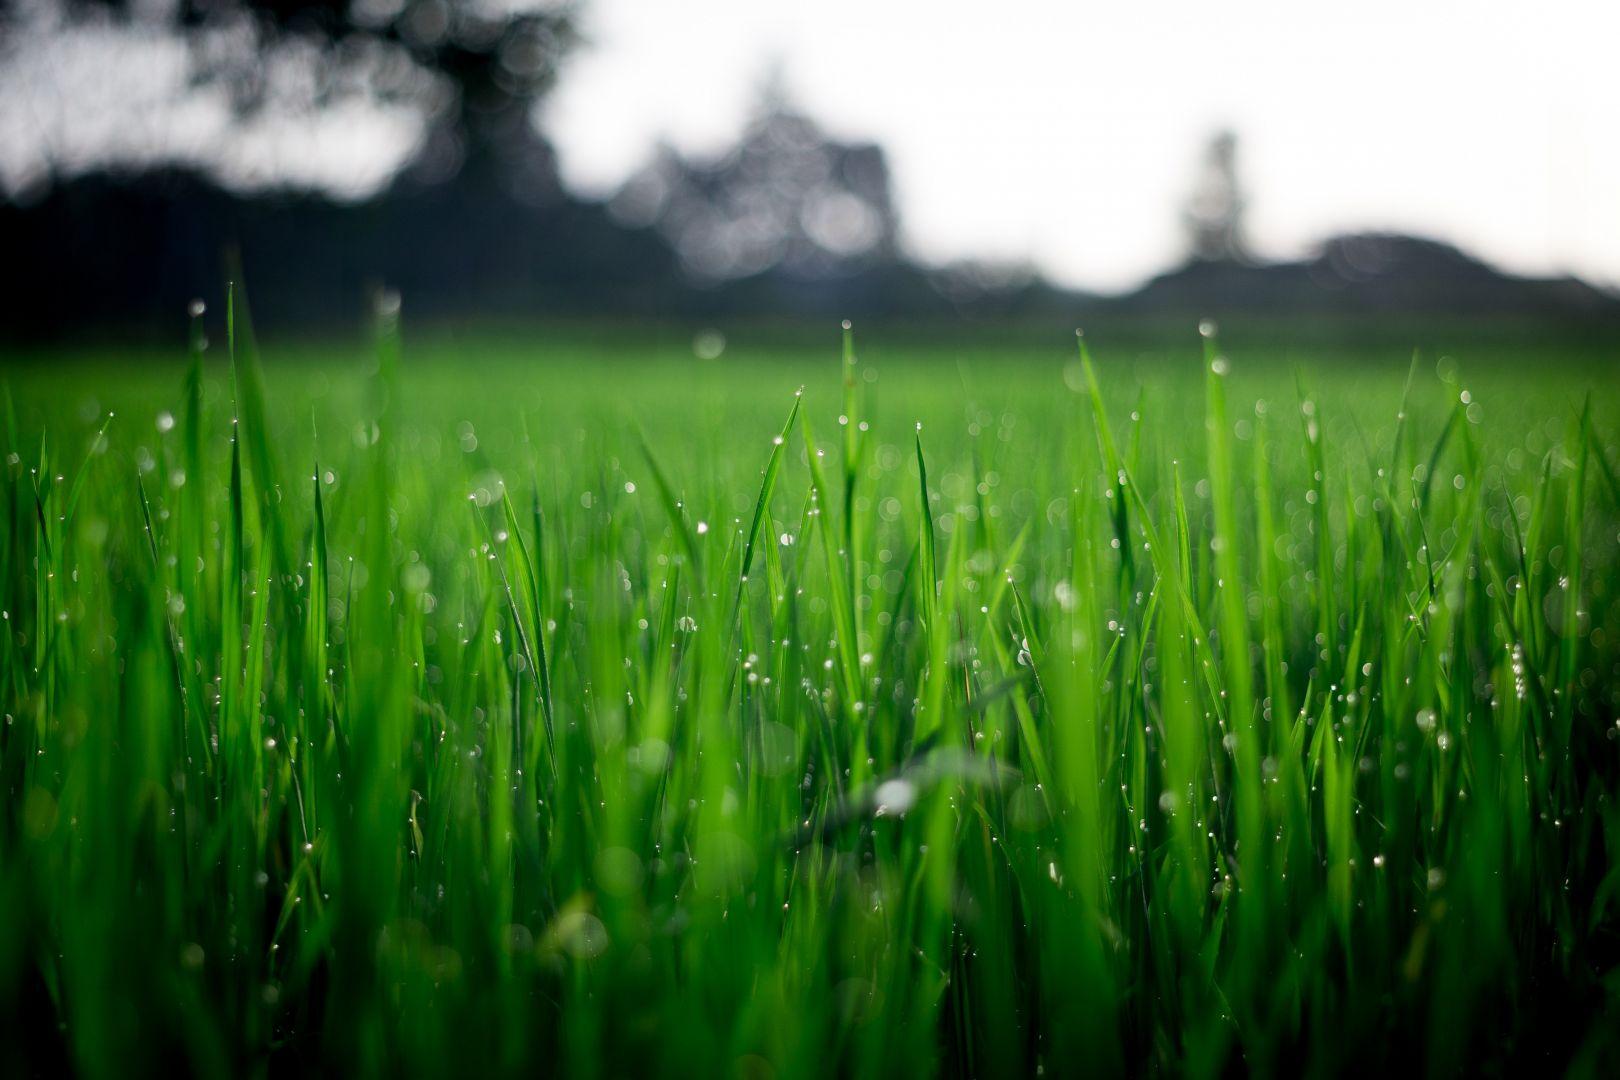 Ogród w symbiozie z naturą – jak dbać o trawnik, by nie naruszać ekosystemu gleby. Fot. Pexels